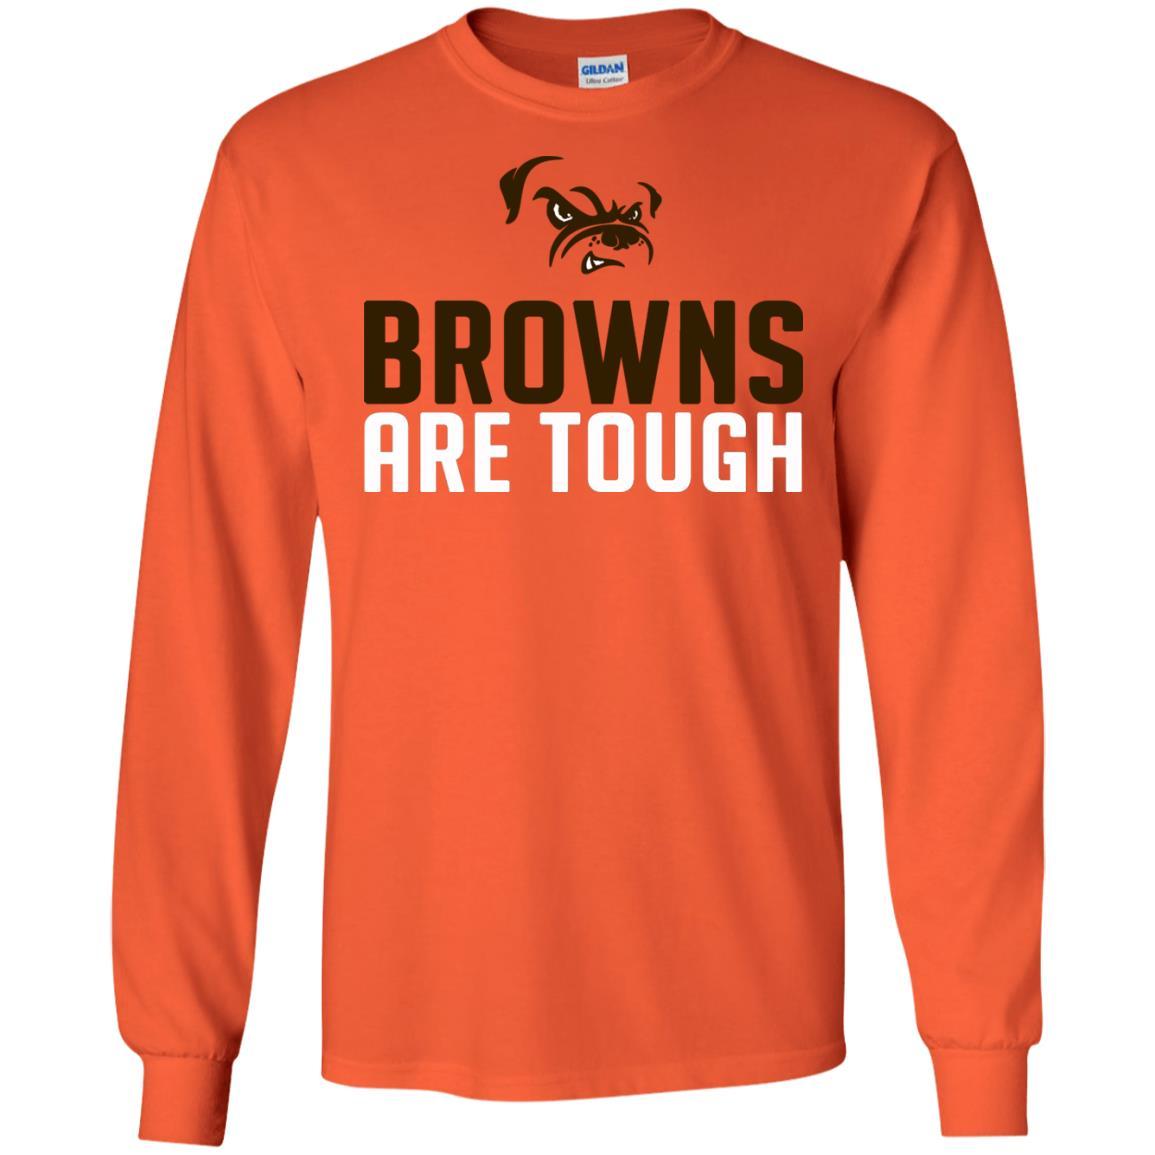 image 2481 - Cleveland Joe Thomas Browns are tough shirt